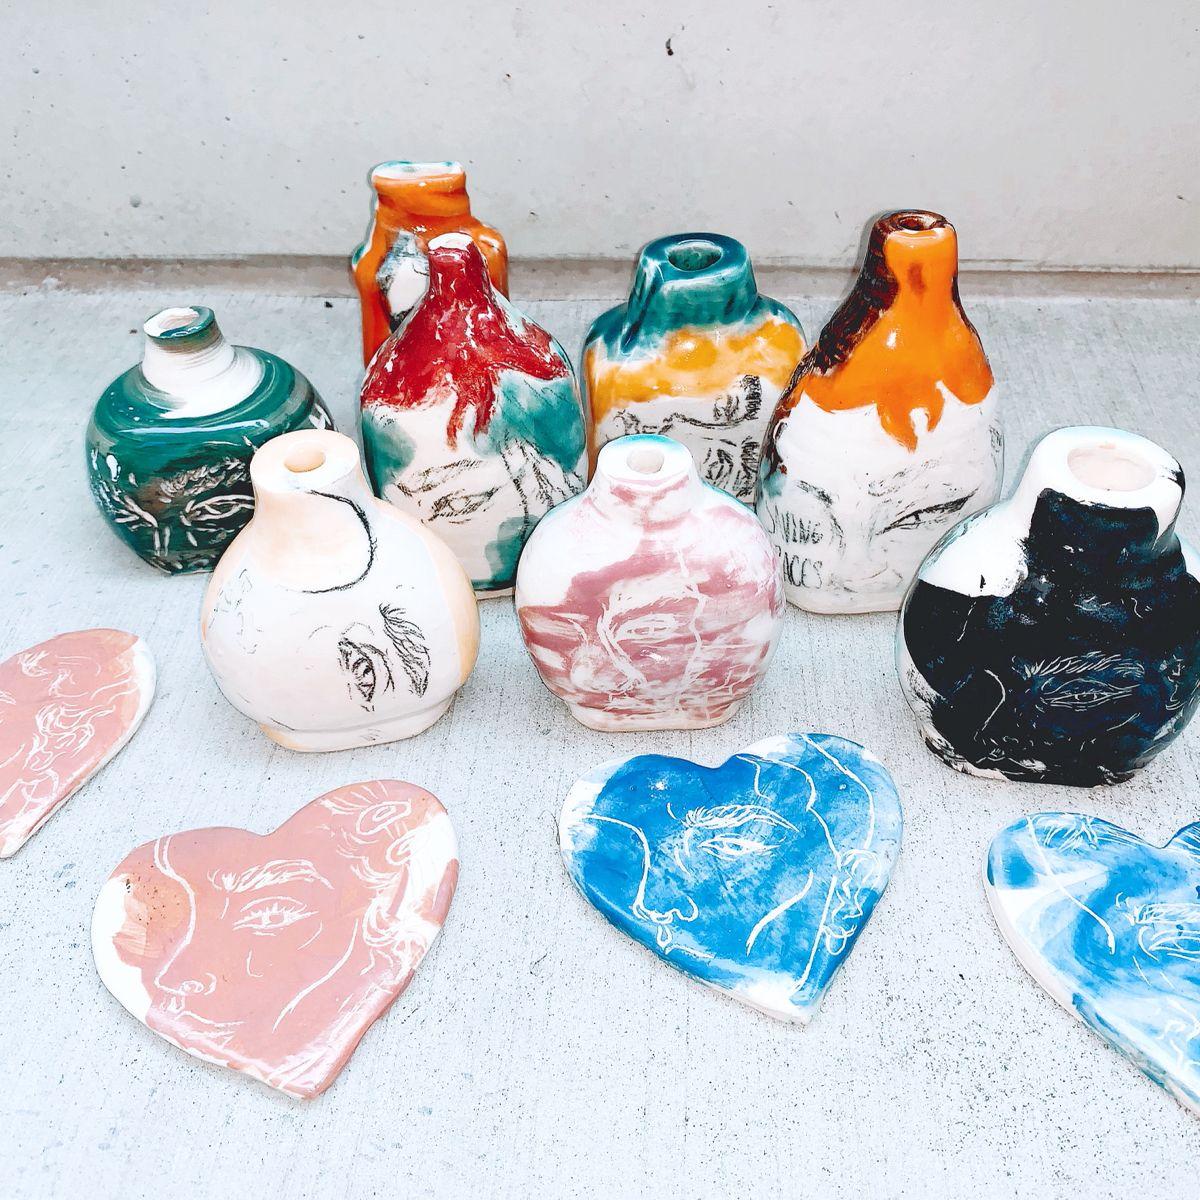 Glaze Pencil & Sgraffito Technique • #pottery#ceramics#homedecor#moderndecor#urbanoutfitters#uohome#glaze#blackart#blackartists#rockhill#southcarolina#sgraffito#drawings#sketching#glazepencil